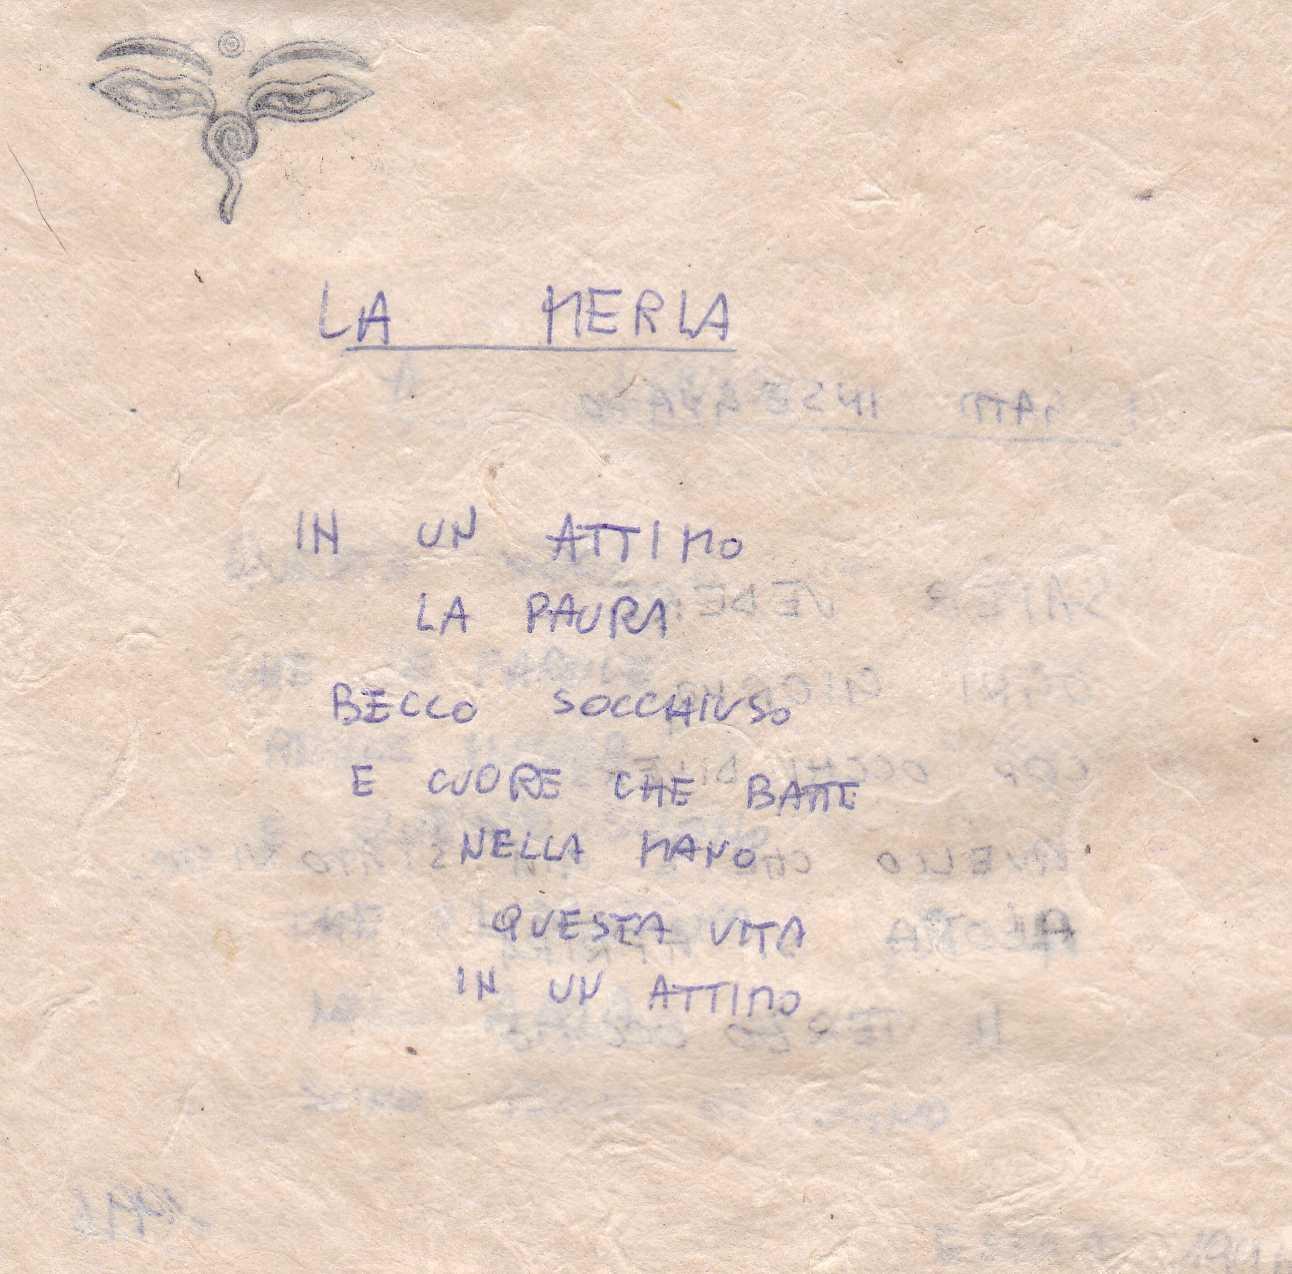 31 Merla